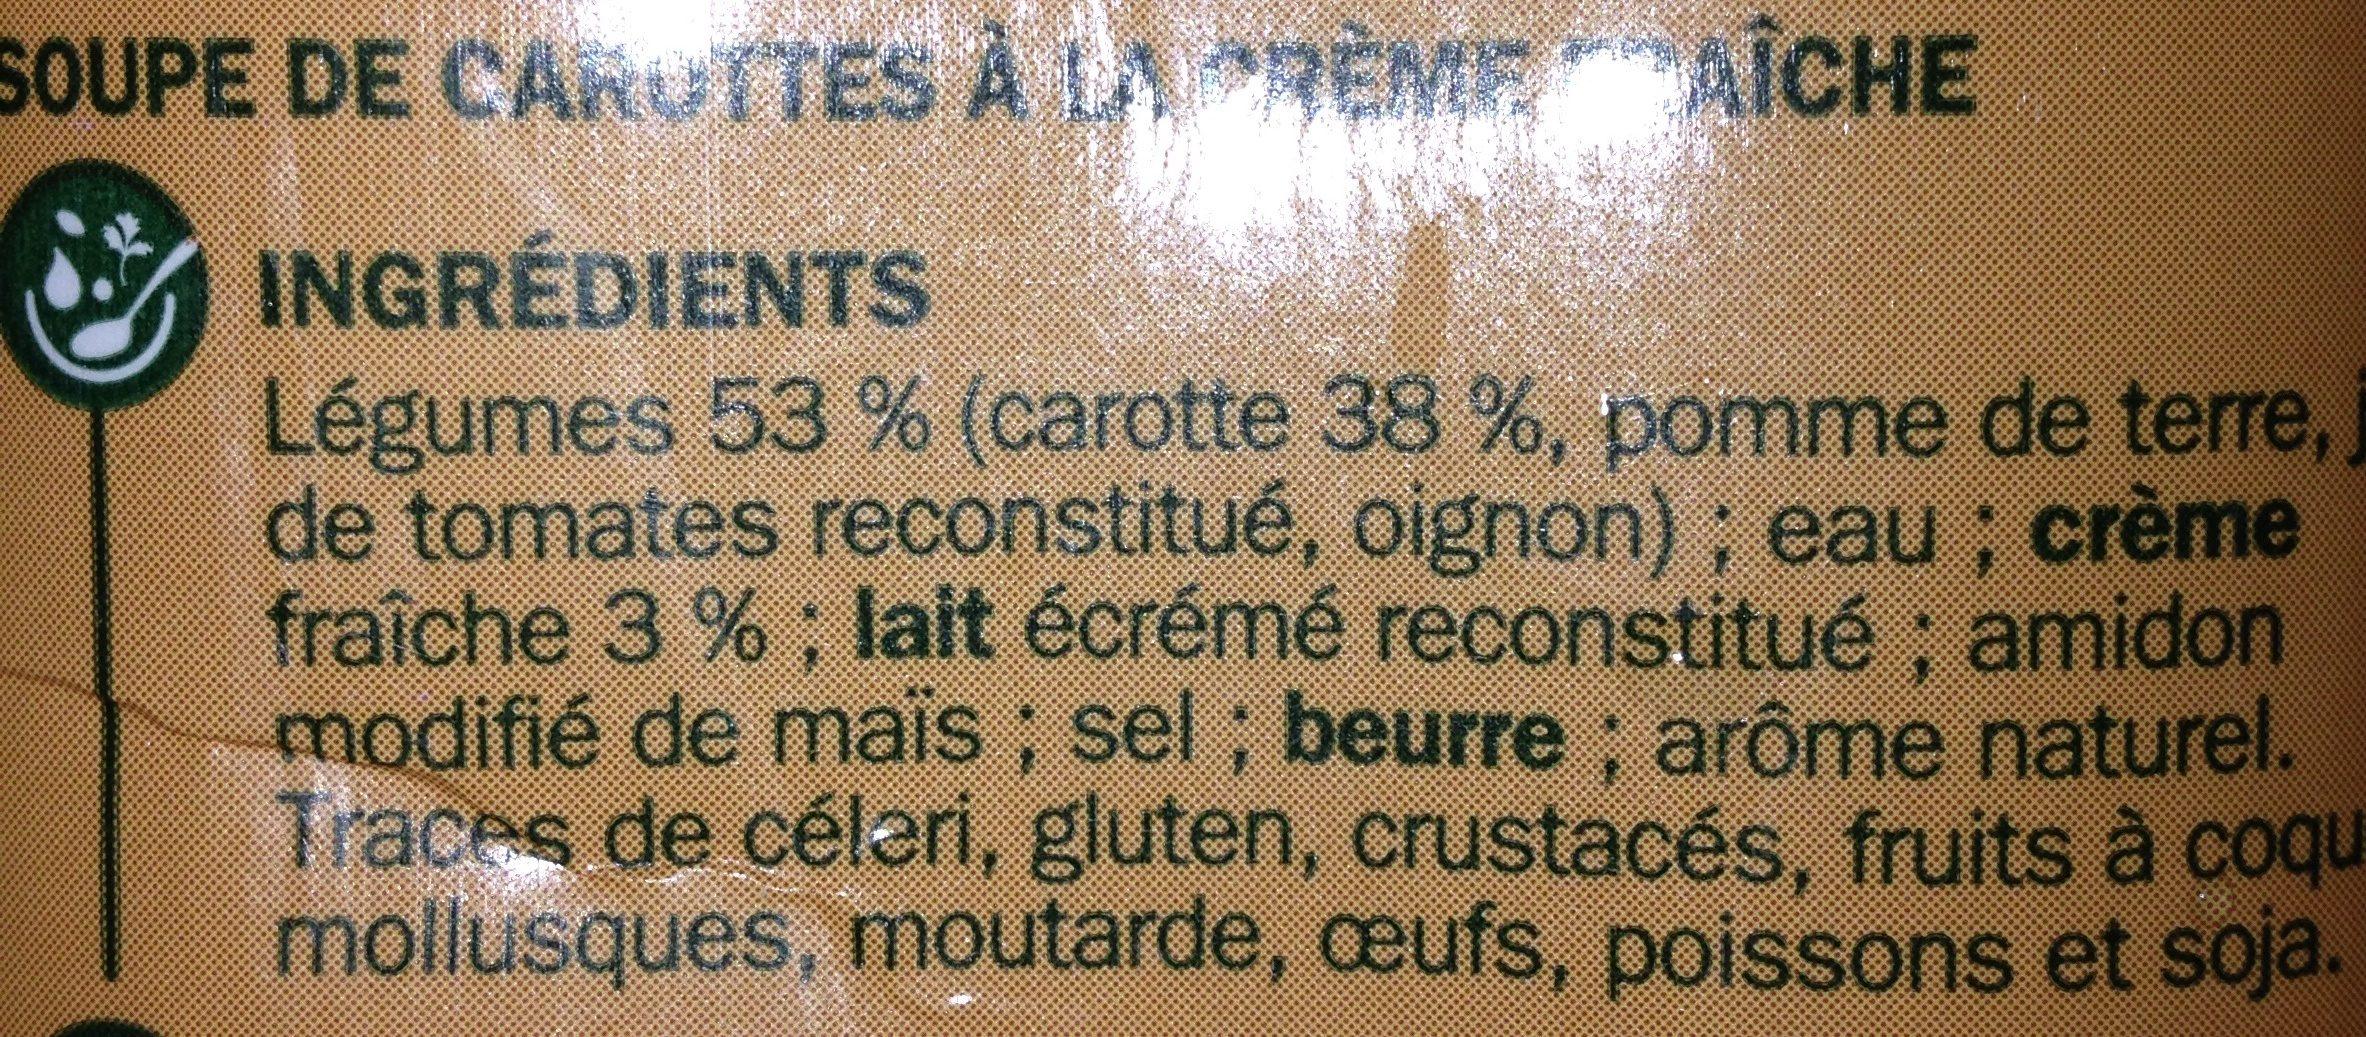 Velouté de carottes - Ingredients - fr